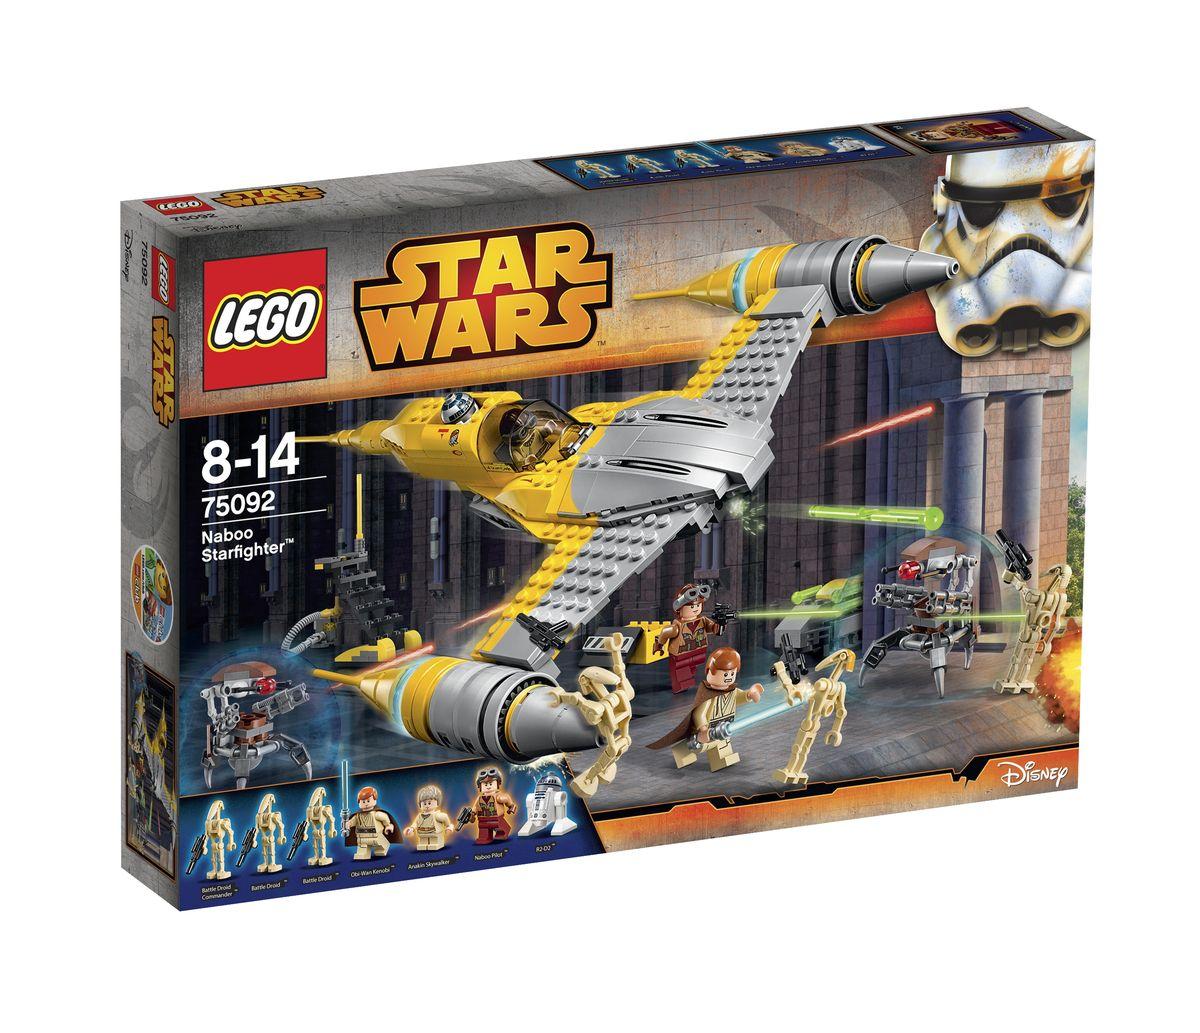 LEGO Star Wars Конструктор Истребитель Набу 7509275092Звездный истребитель Набу представляет собой уникальный летательный аппарат, созданный Инженерным Корпусом Космических Кораблей. В основе конструкции лежит альянс функциональности, экологичности и маневренности. Это достигается благодаря обтекаемым аэродинамическим формам и новейшему оборудованию. Истребители, предназначенные для использования высокопоставленными персонами, имеют отличительные особенности. Спереди их желтый фюзеляж покрыт хромовой обшивкой, способной отражать солнечные лучи и эффектно смотреться в небе. Также в носовой части истребителя располагаются два симметричных крыла, на конце которых установлены мощные двигатели с длинными заостренными теплообменниками системы охлаждения. Центральная часть звездолета предназначена для кабины пилота, прикрытой тонированным стеклом. Так как облегченная конструкция не предусматривает наличие штурмана или стрелка, то их функции выполняет астромеханический дроид, занимающий специальную нишу в хвосте истребителя. Вооружение...